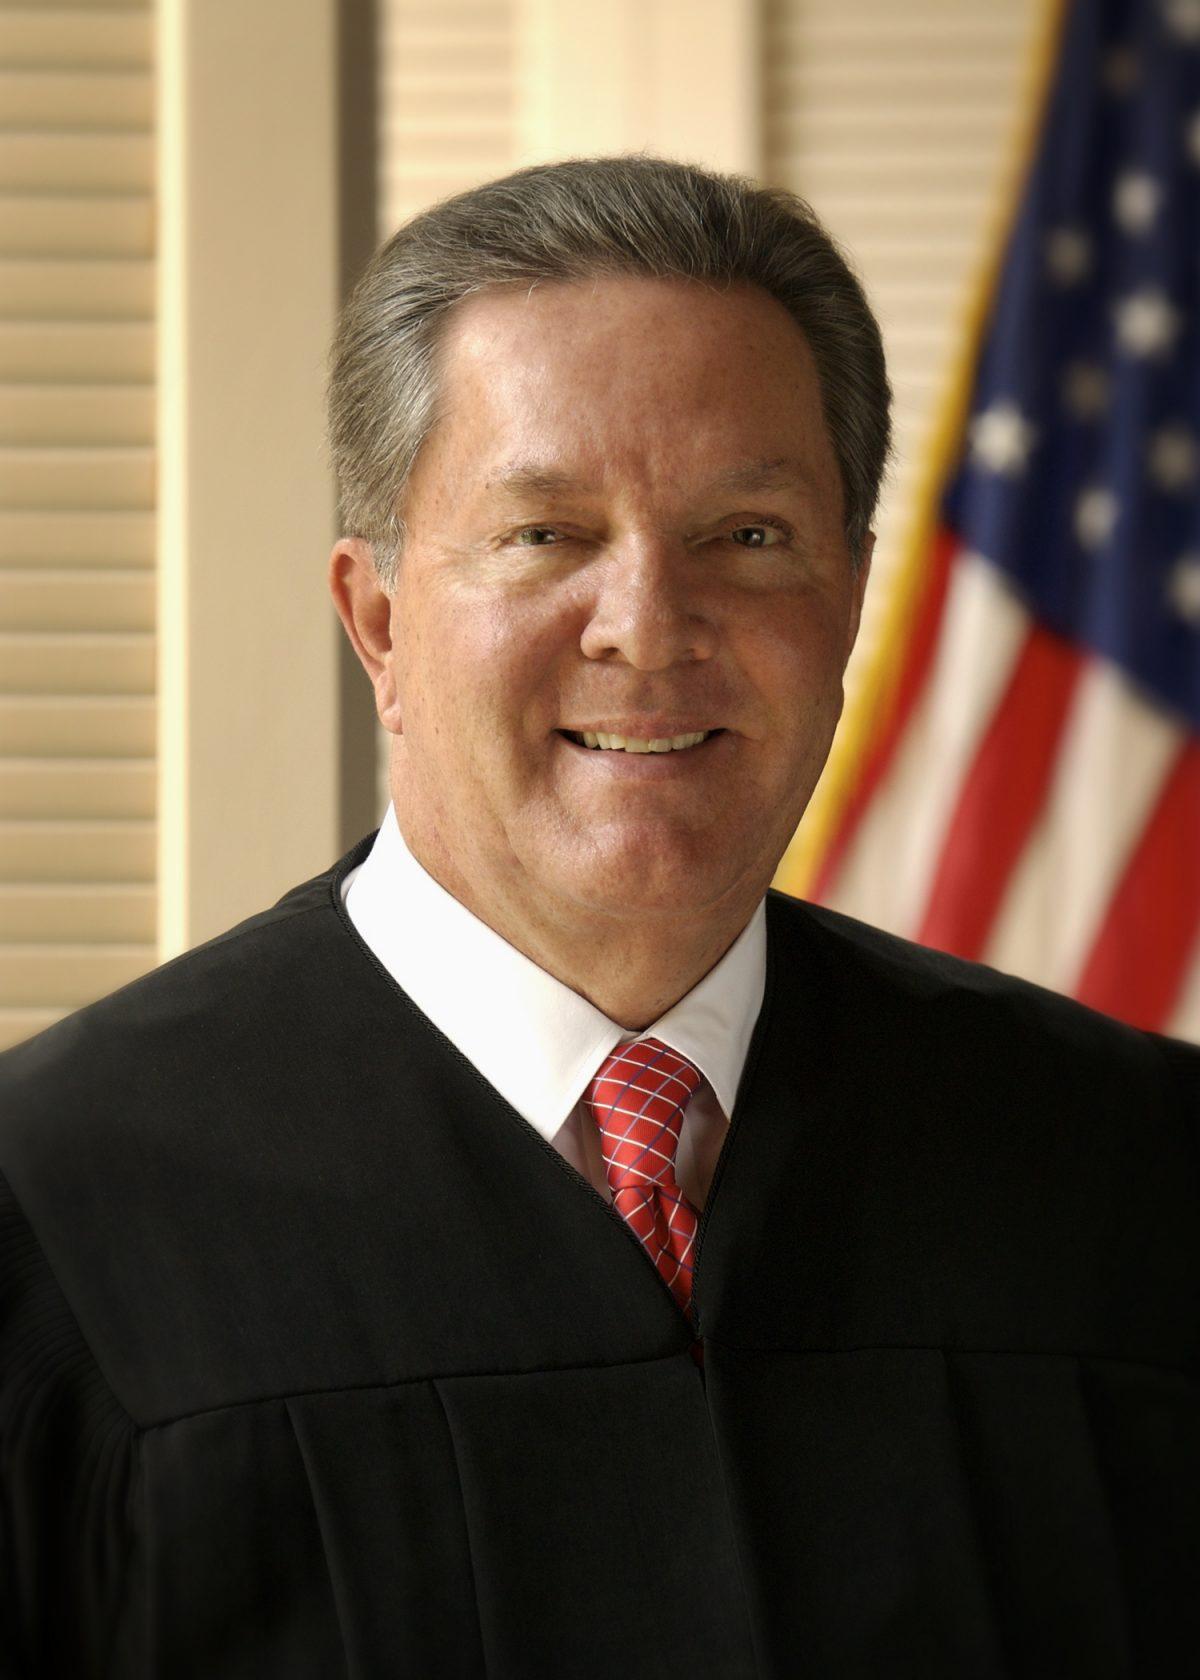 Judge Milan Smith